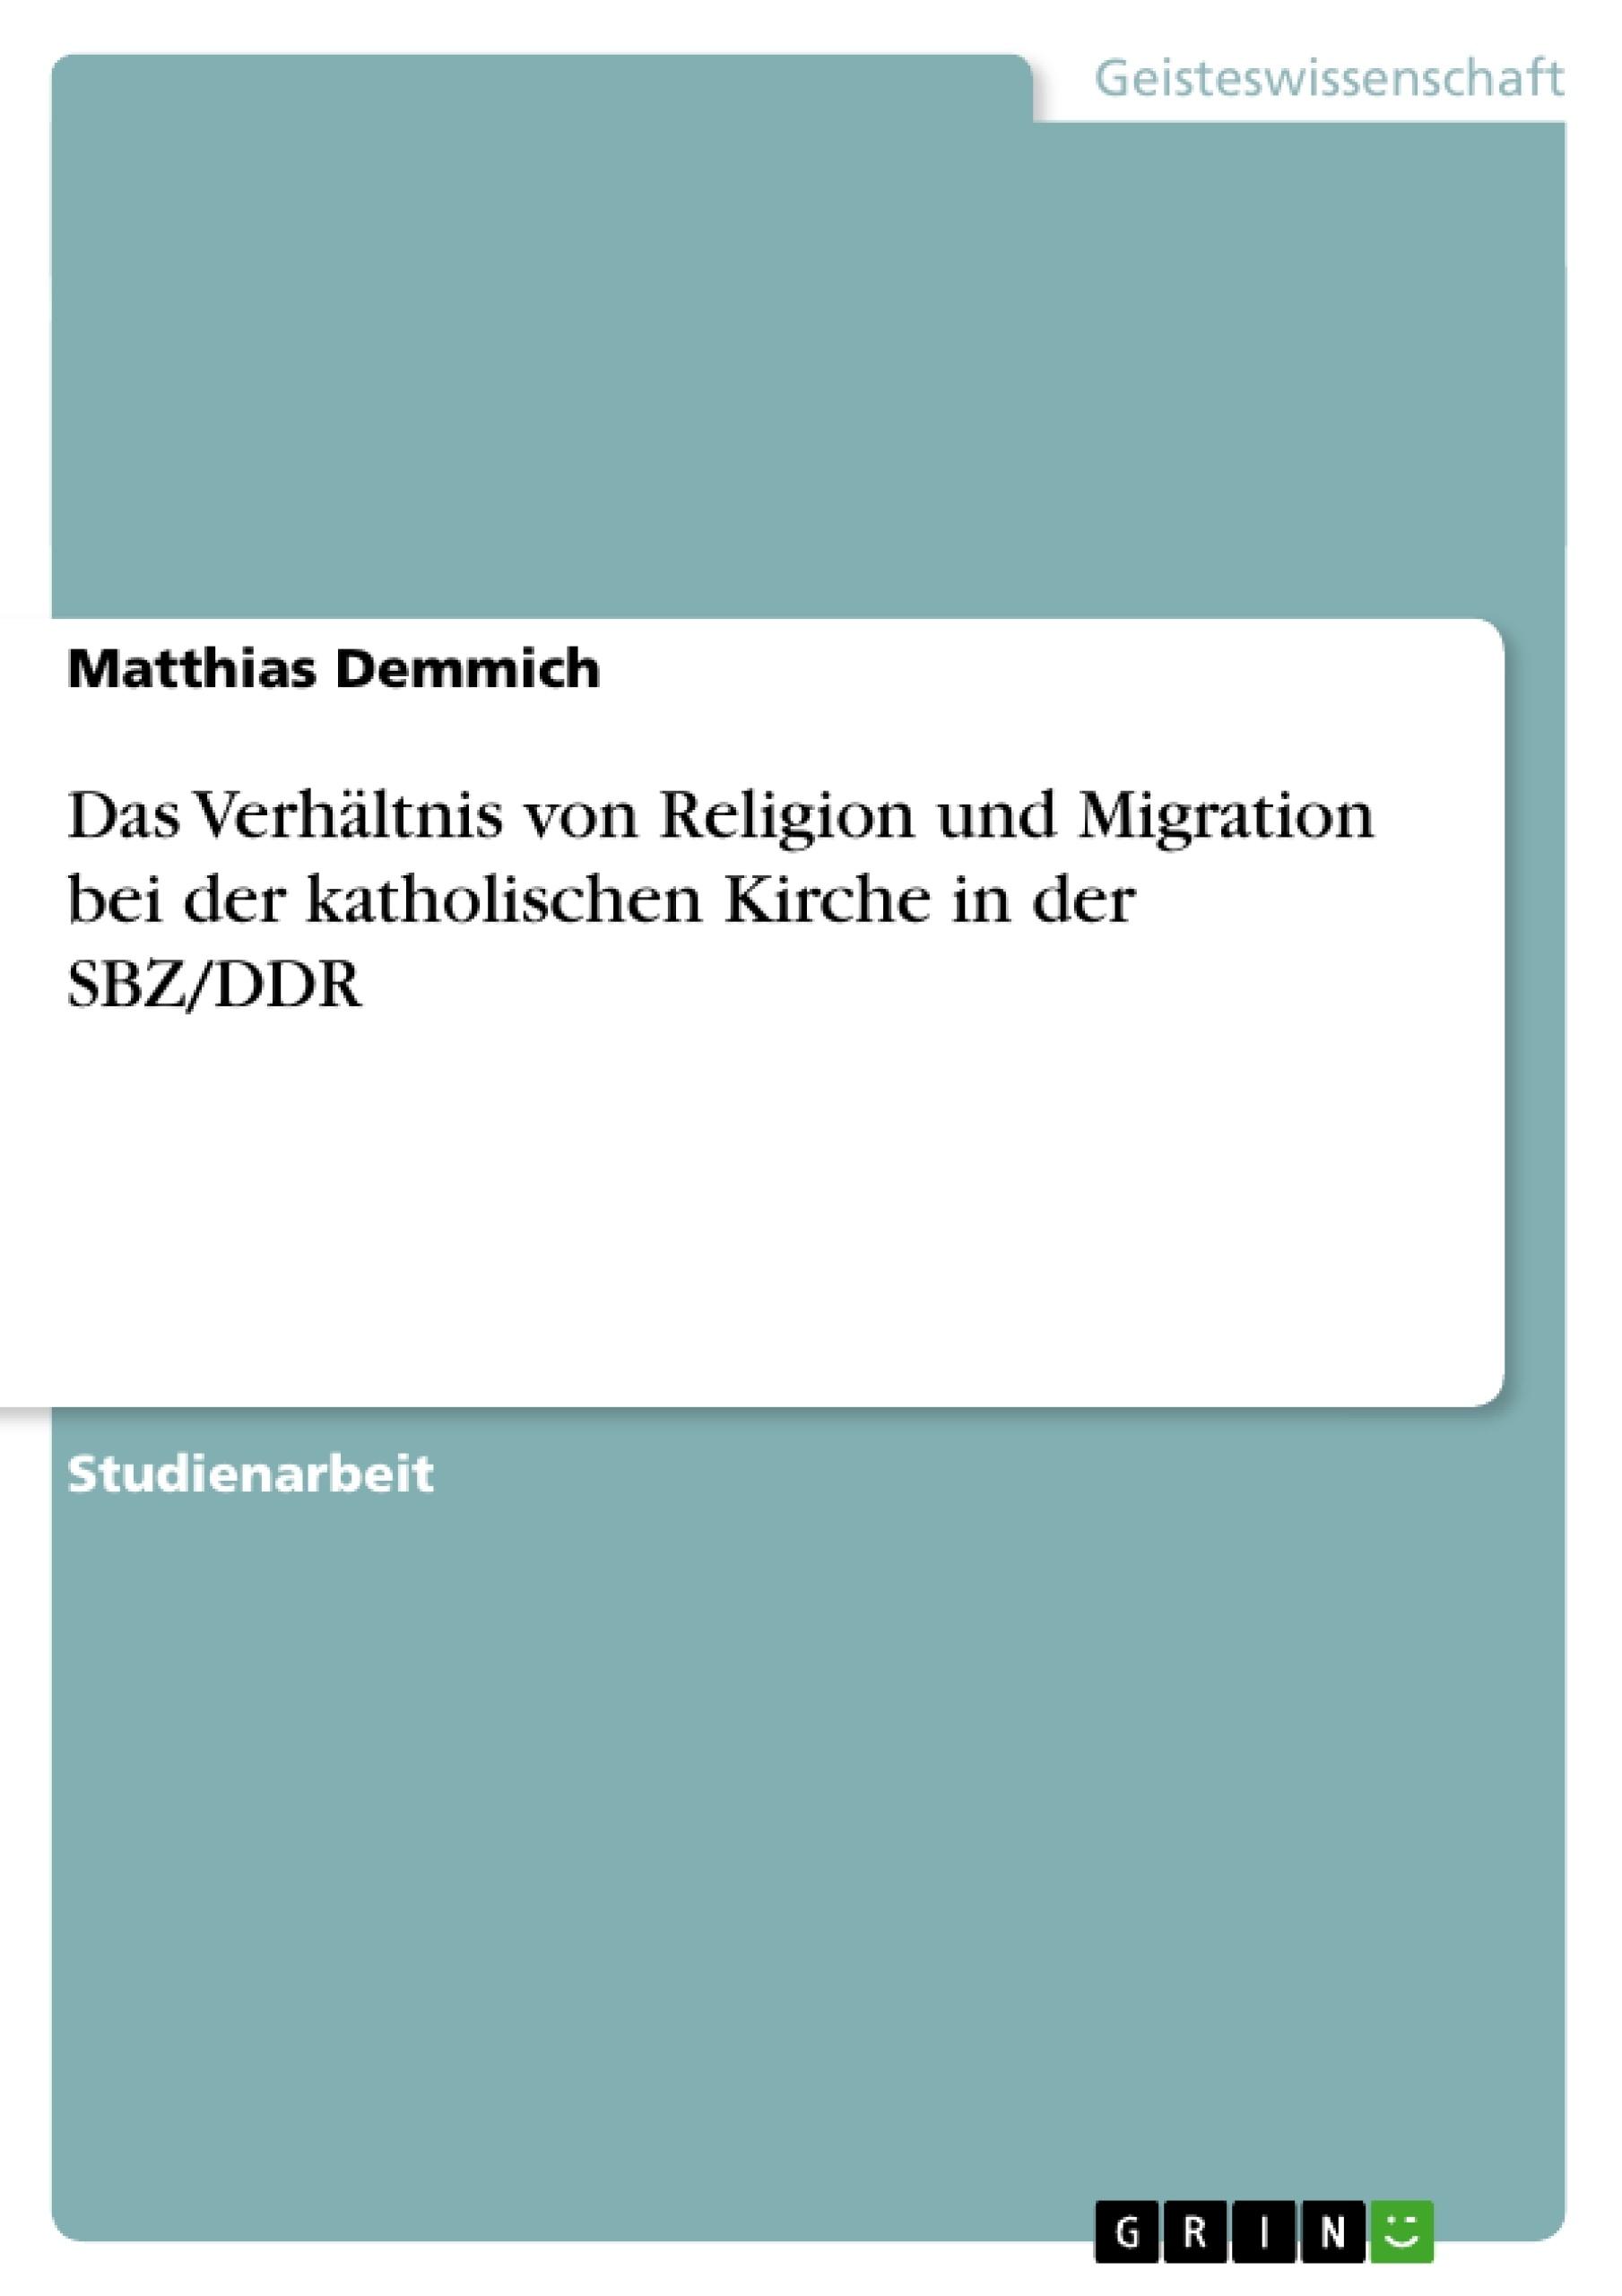 Titel: Das Verhältnis von Religion und Migration bei der katholischen Kirche in der SBZ/DDR